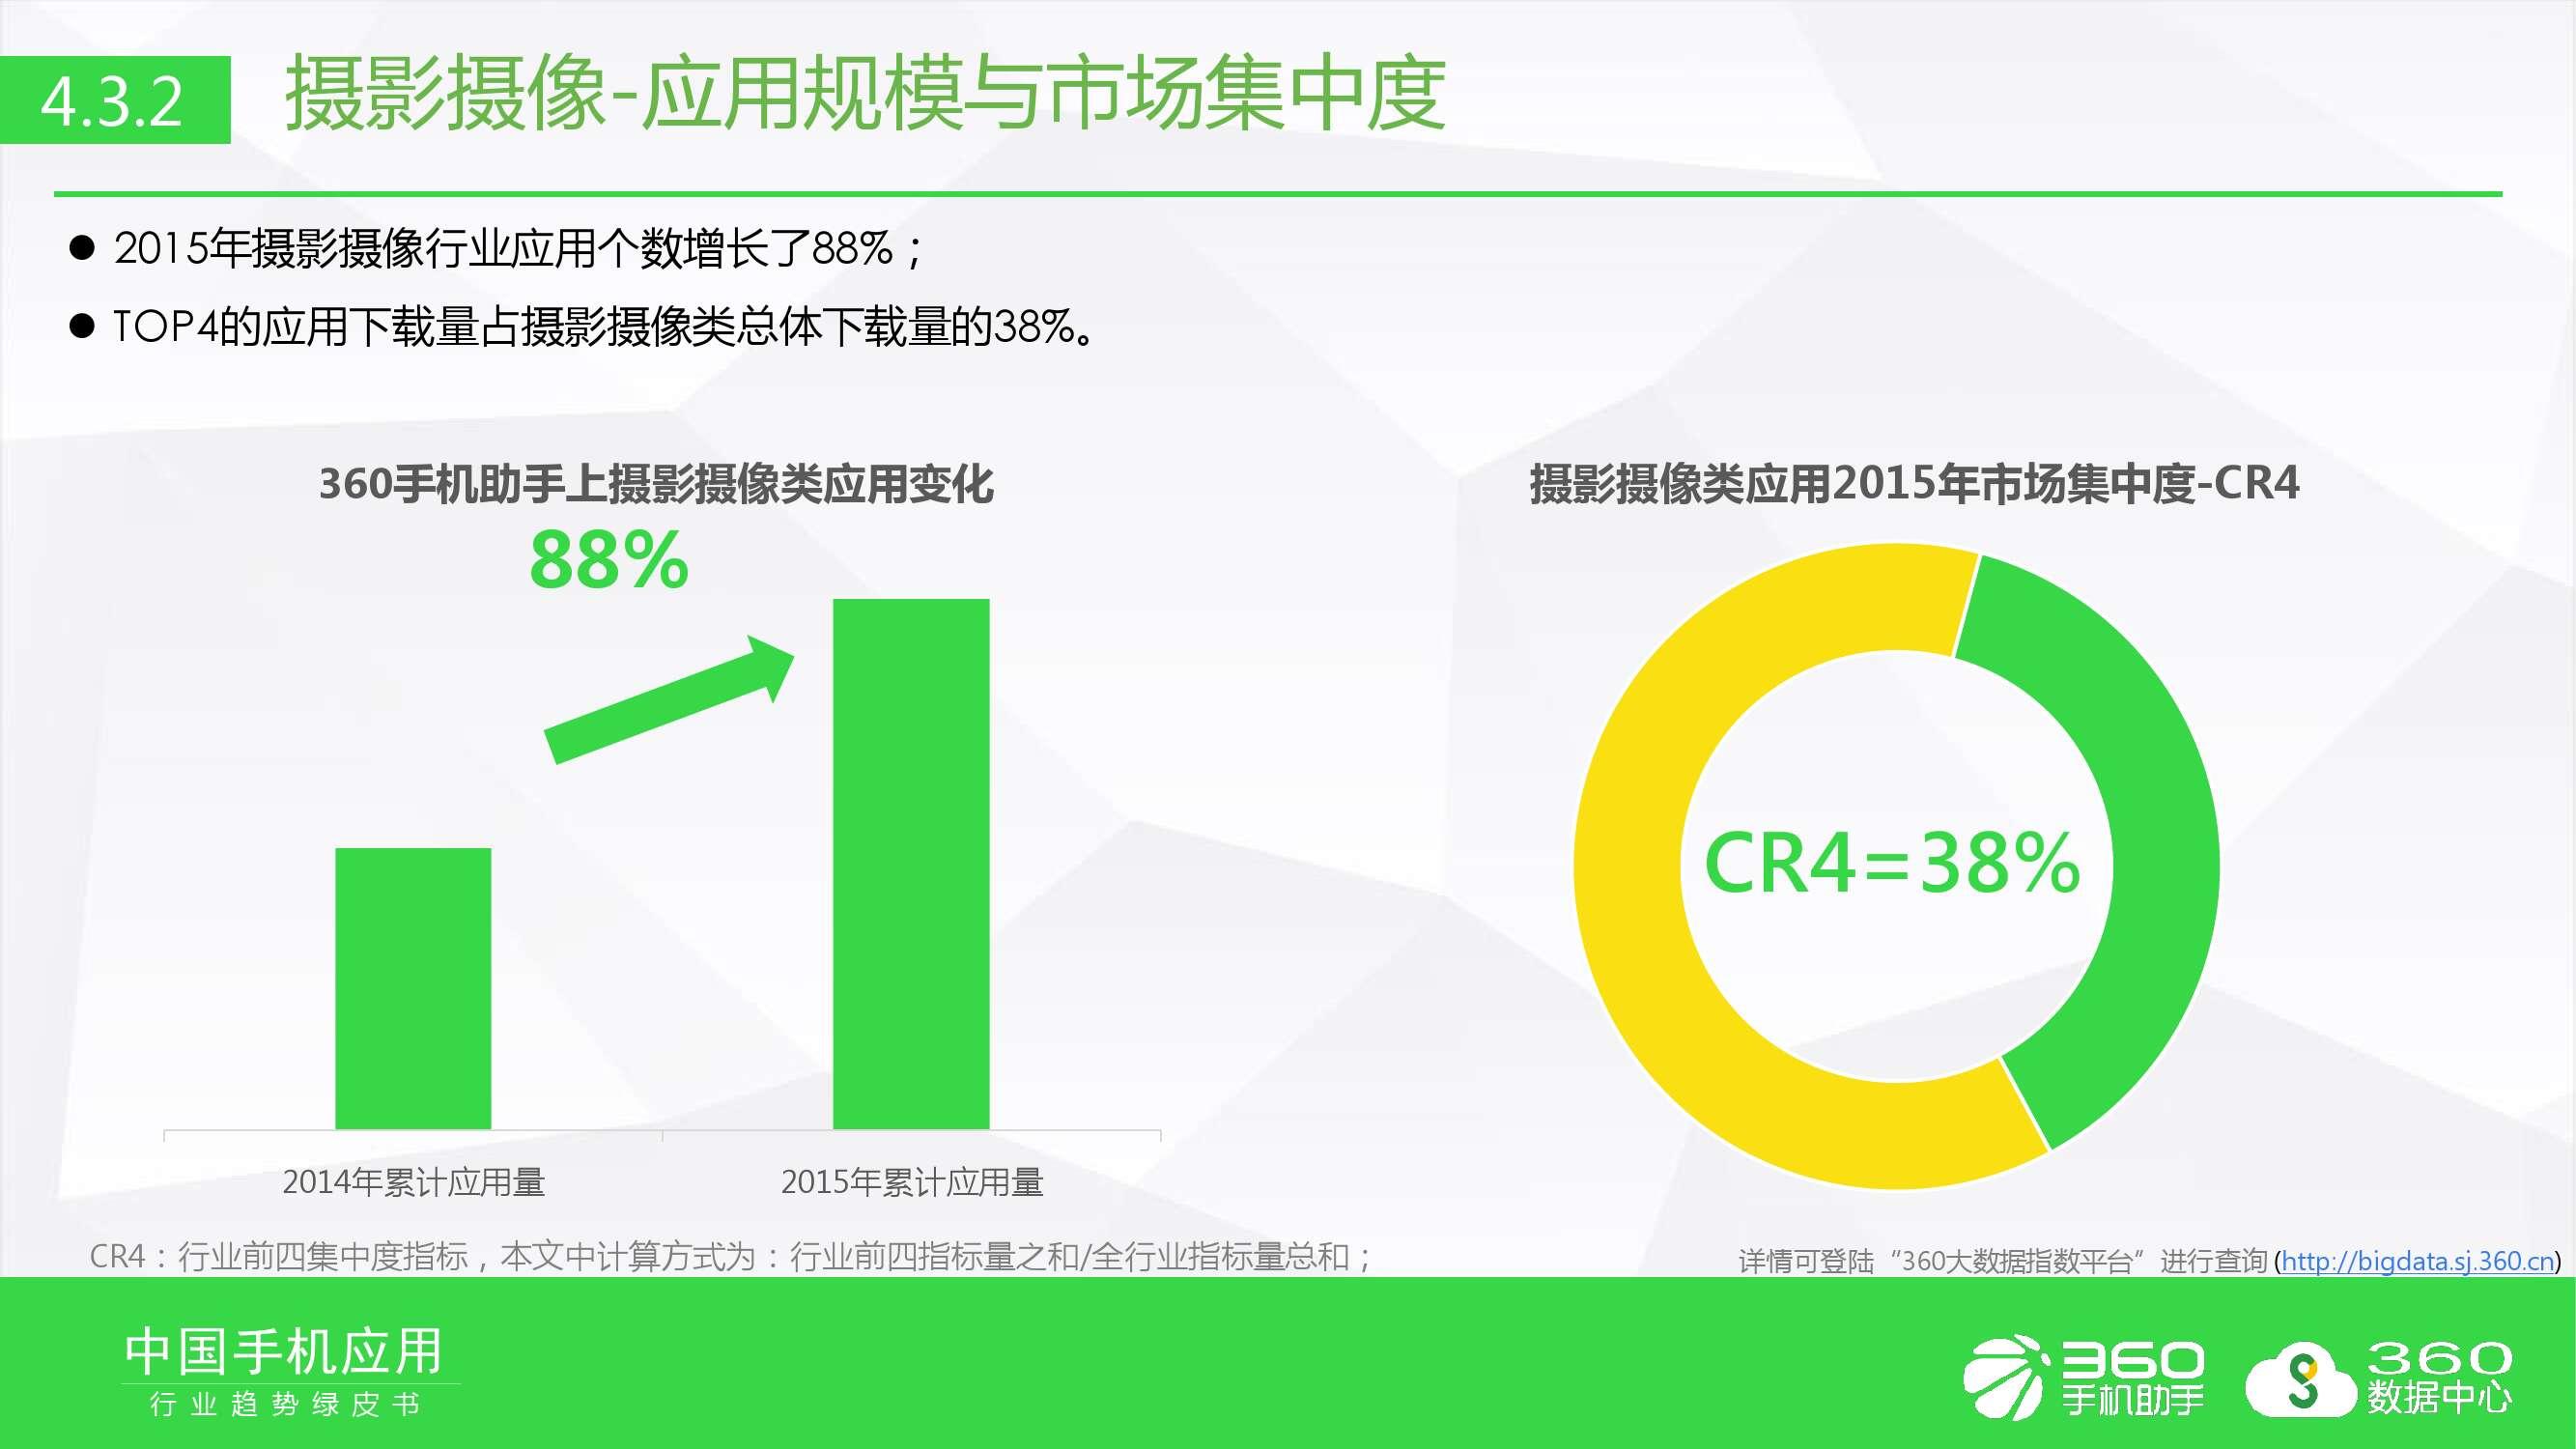 2016年手机软件行业趋势绿皮书_000046